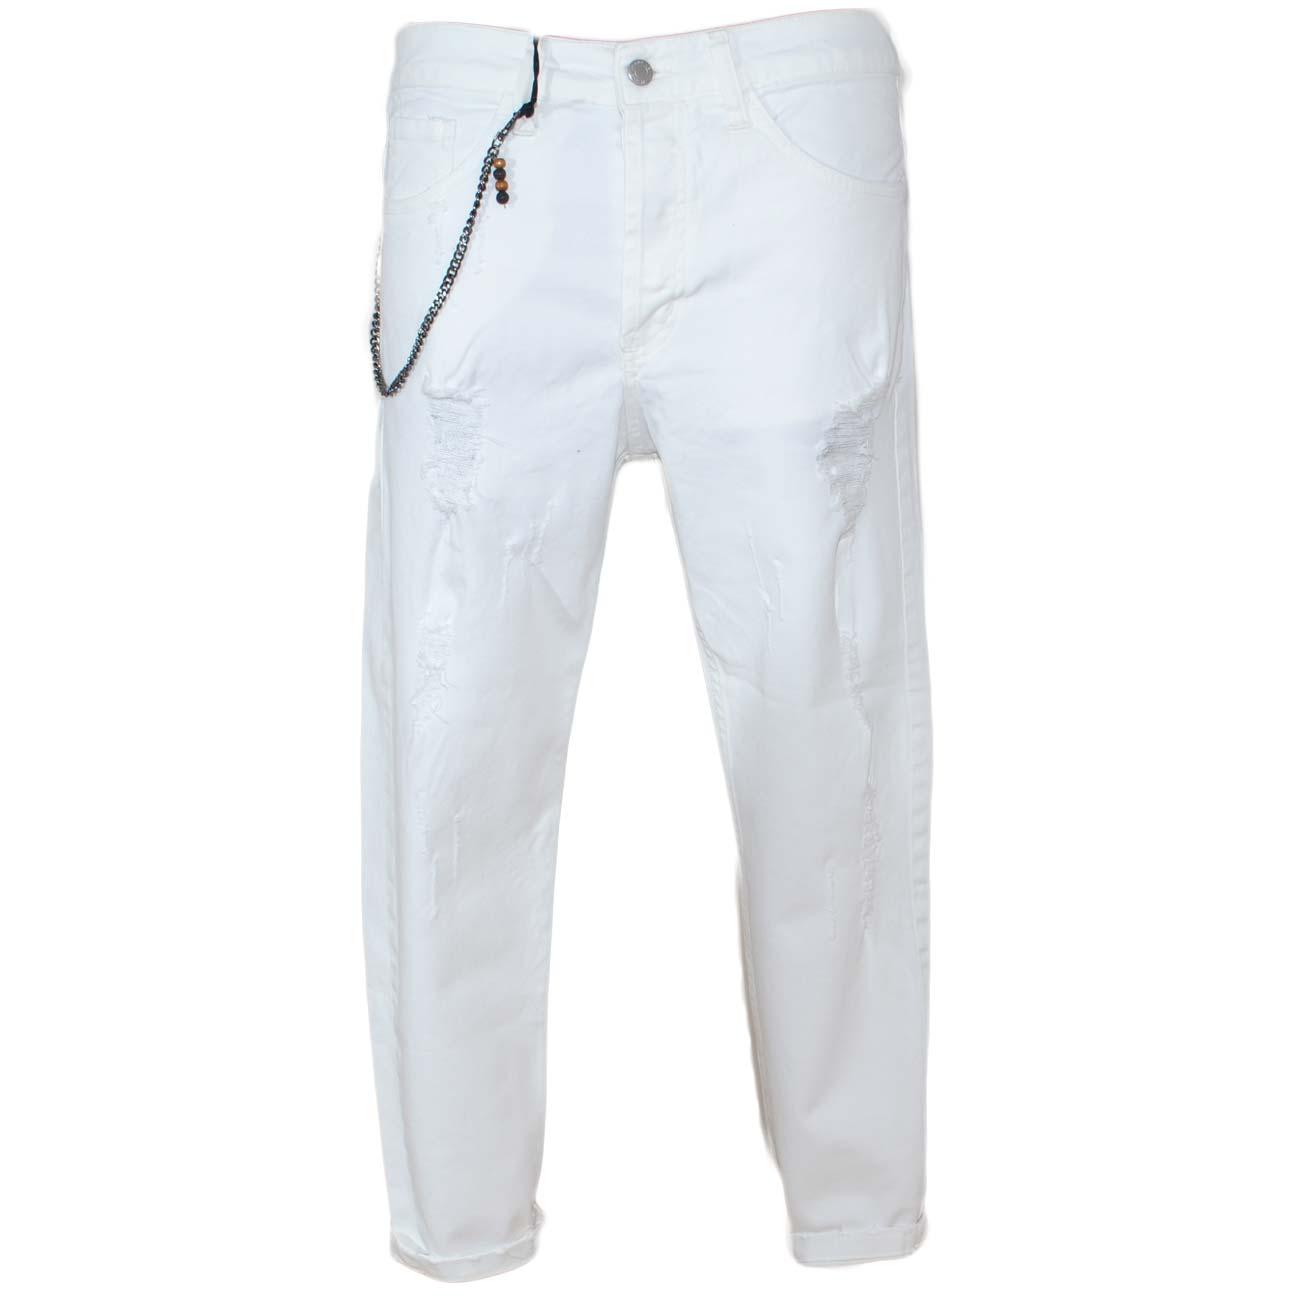 newest f54de 8d95b Pantaloni Jeans bianco denim biker. Skinny fit.Chiusura con bottone e  cerniera. strappi e tasche dettaglio catena uomo jeans made in italy |  MaluShoes